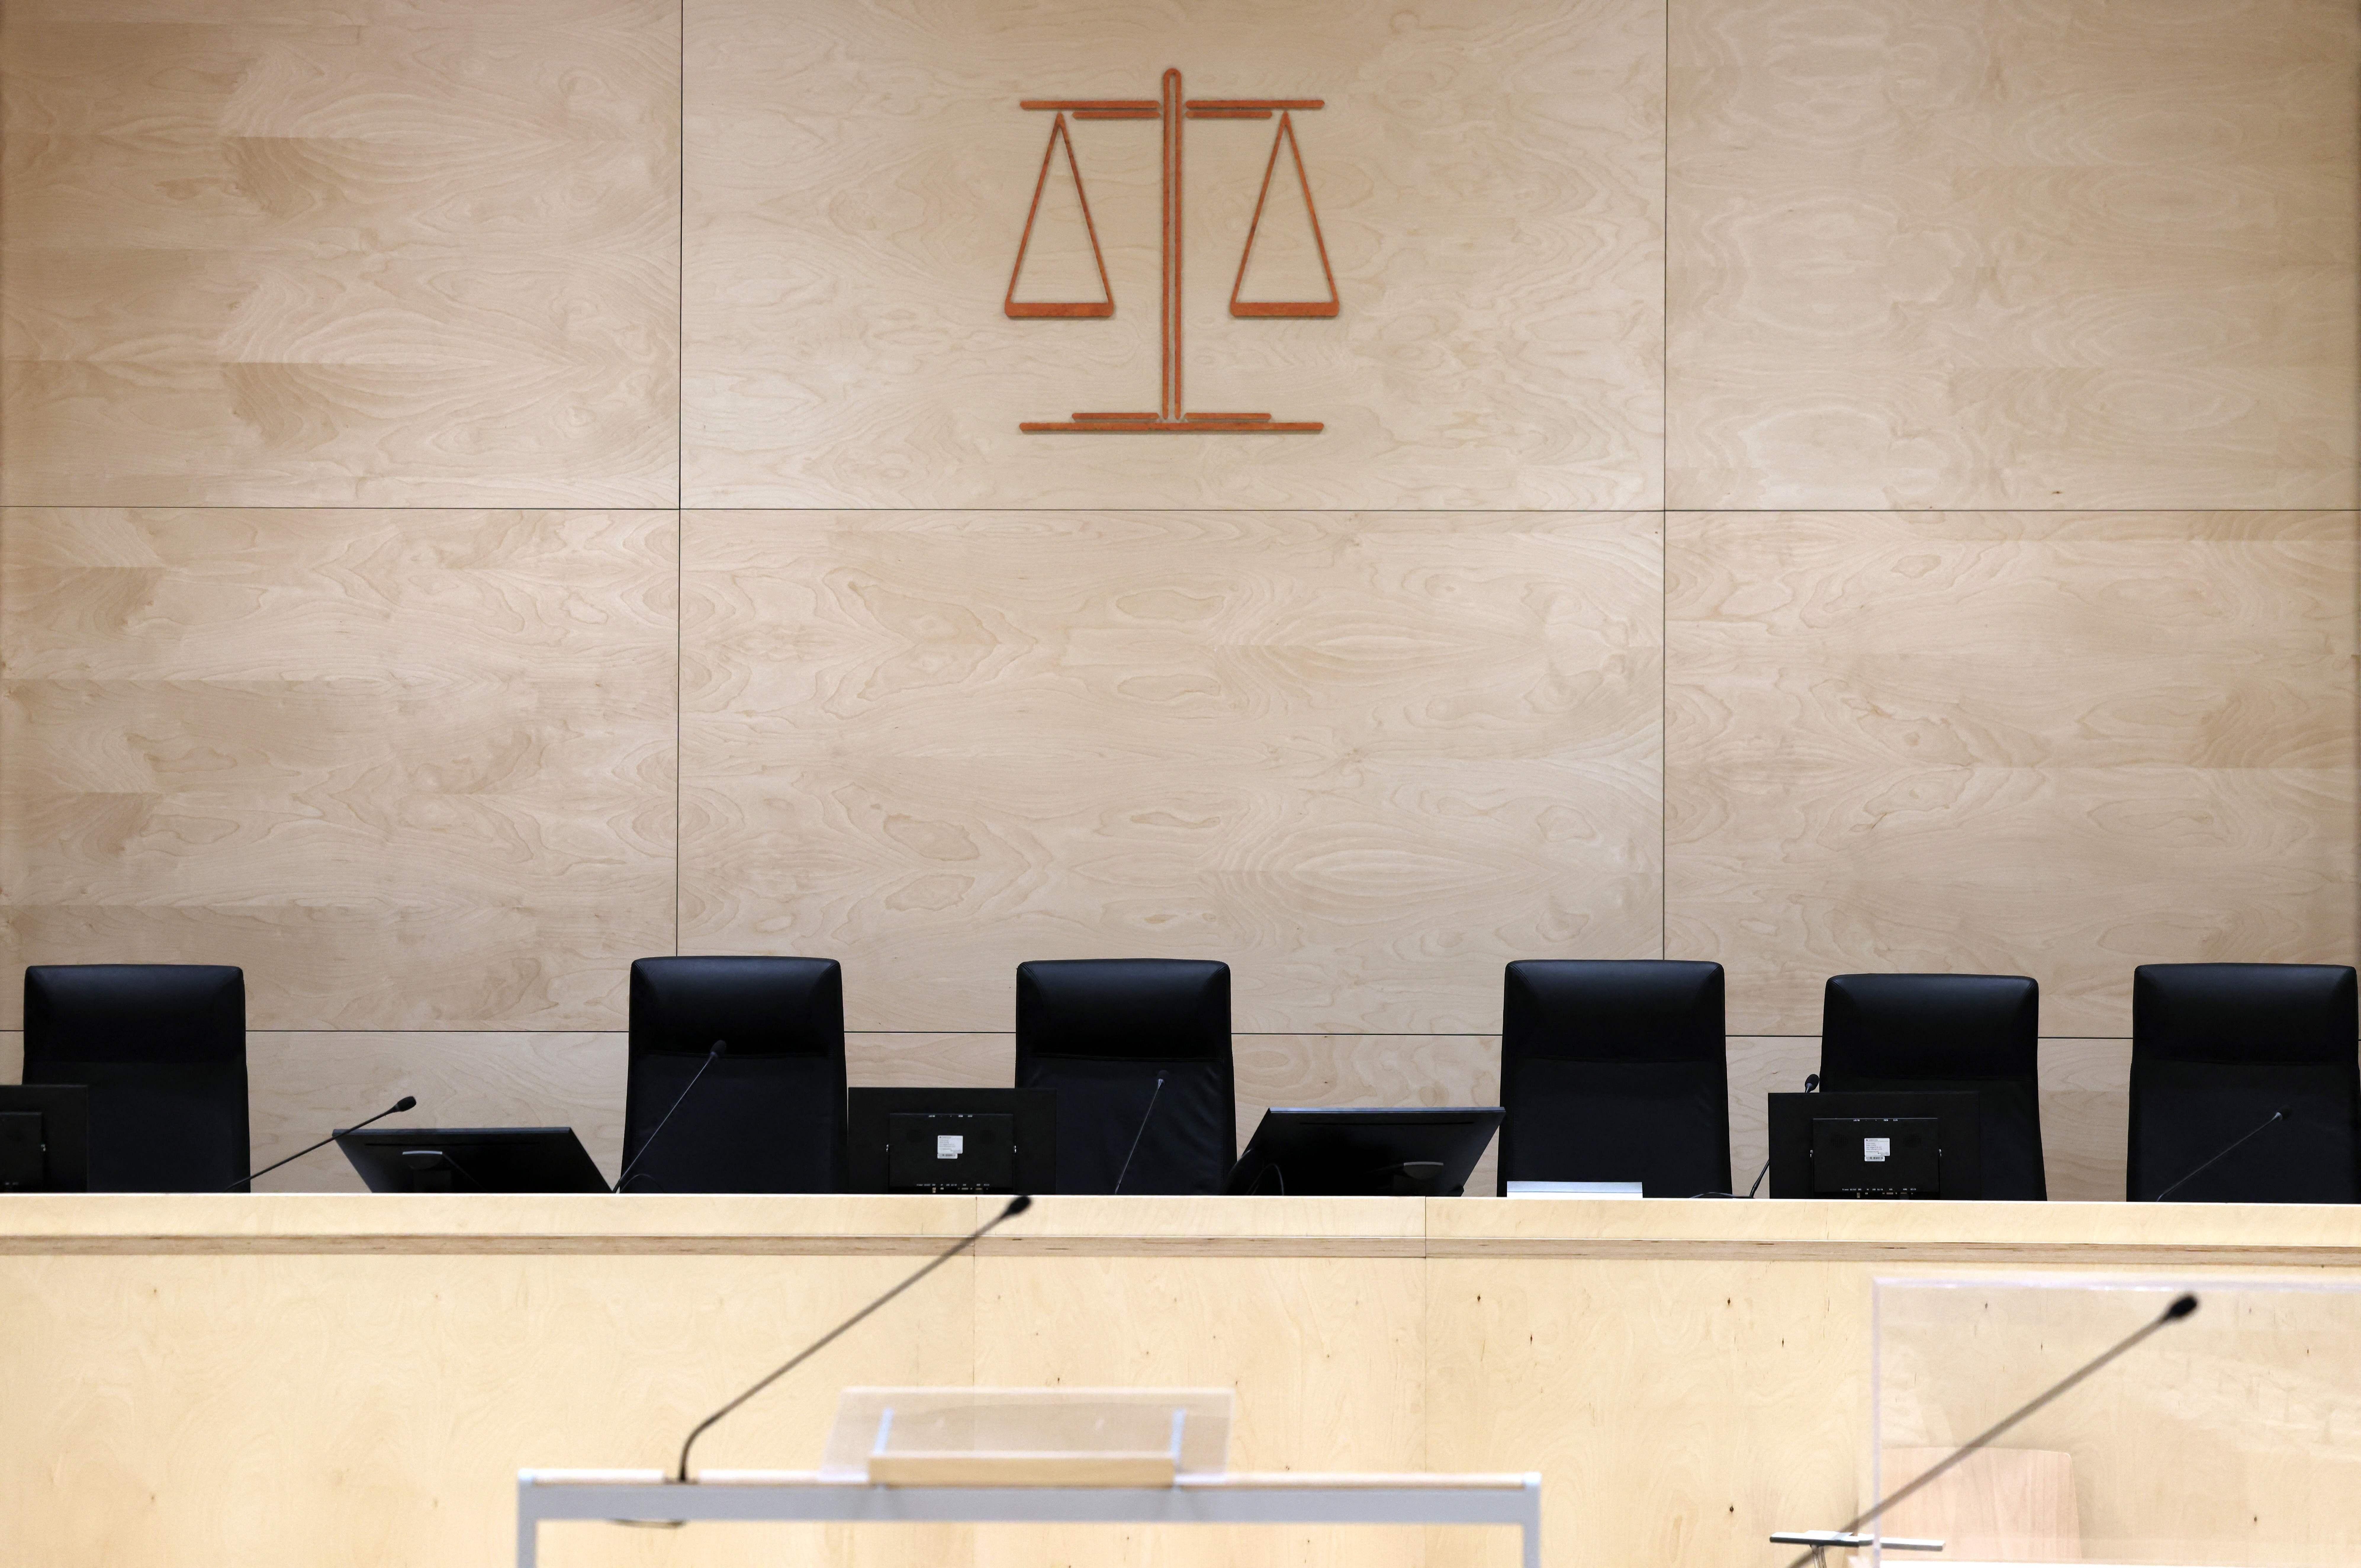 Le symbole de la Justice au-dessus des sièges des juges dans la salle d'audience temporaire installée...